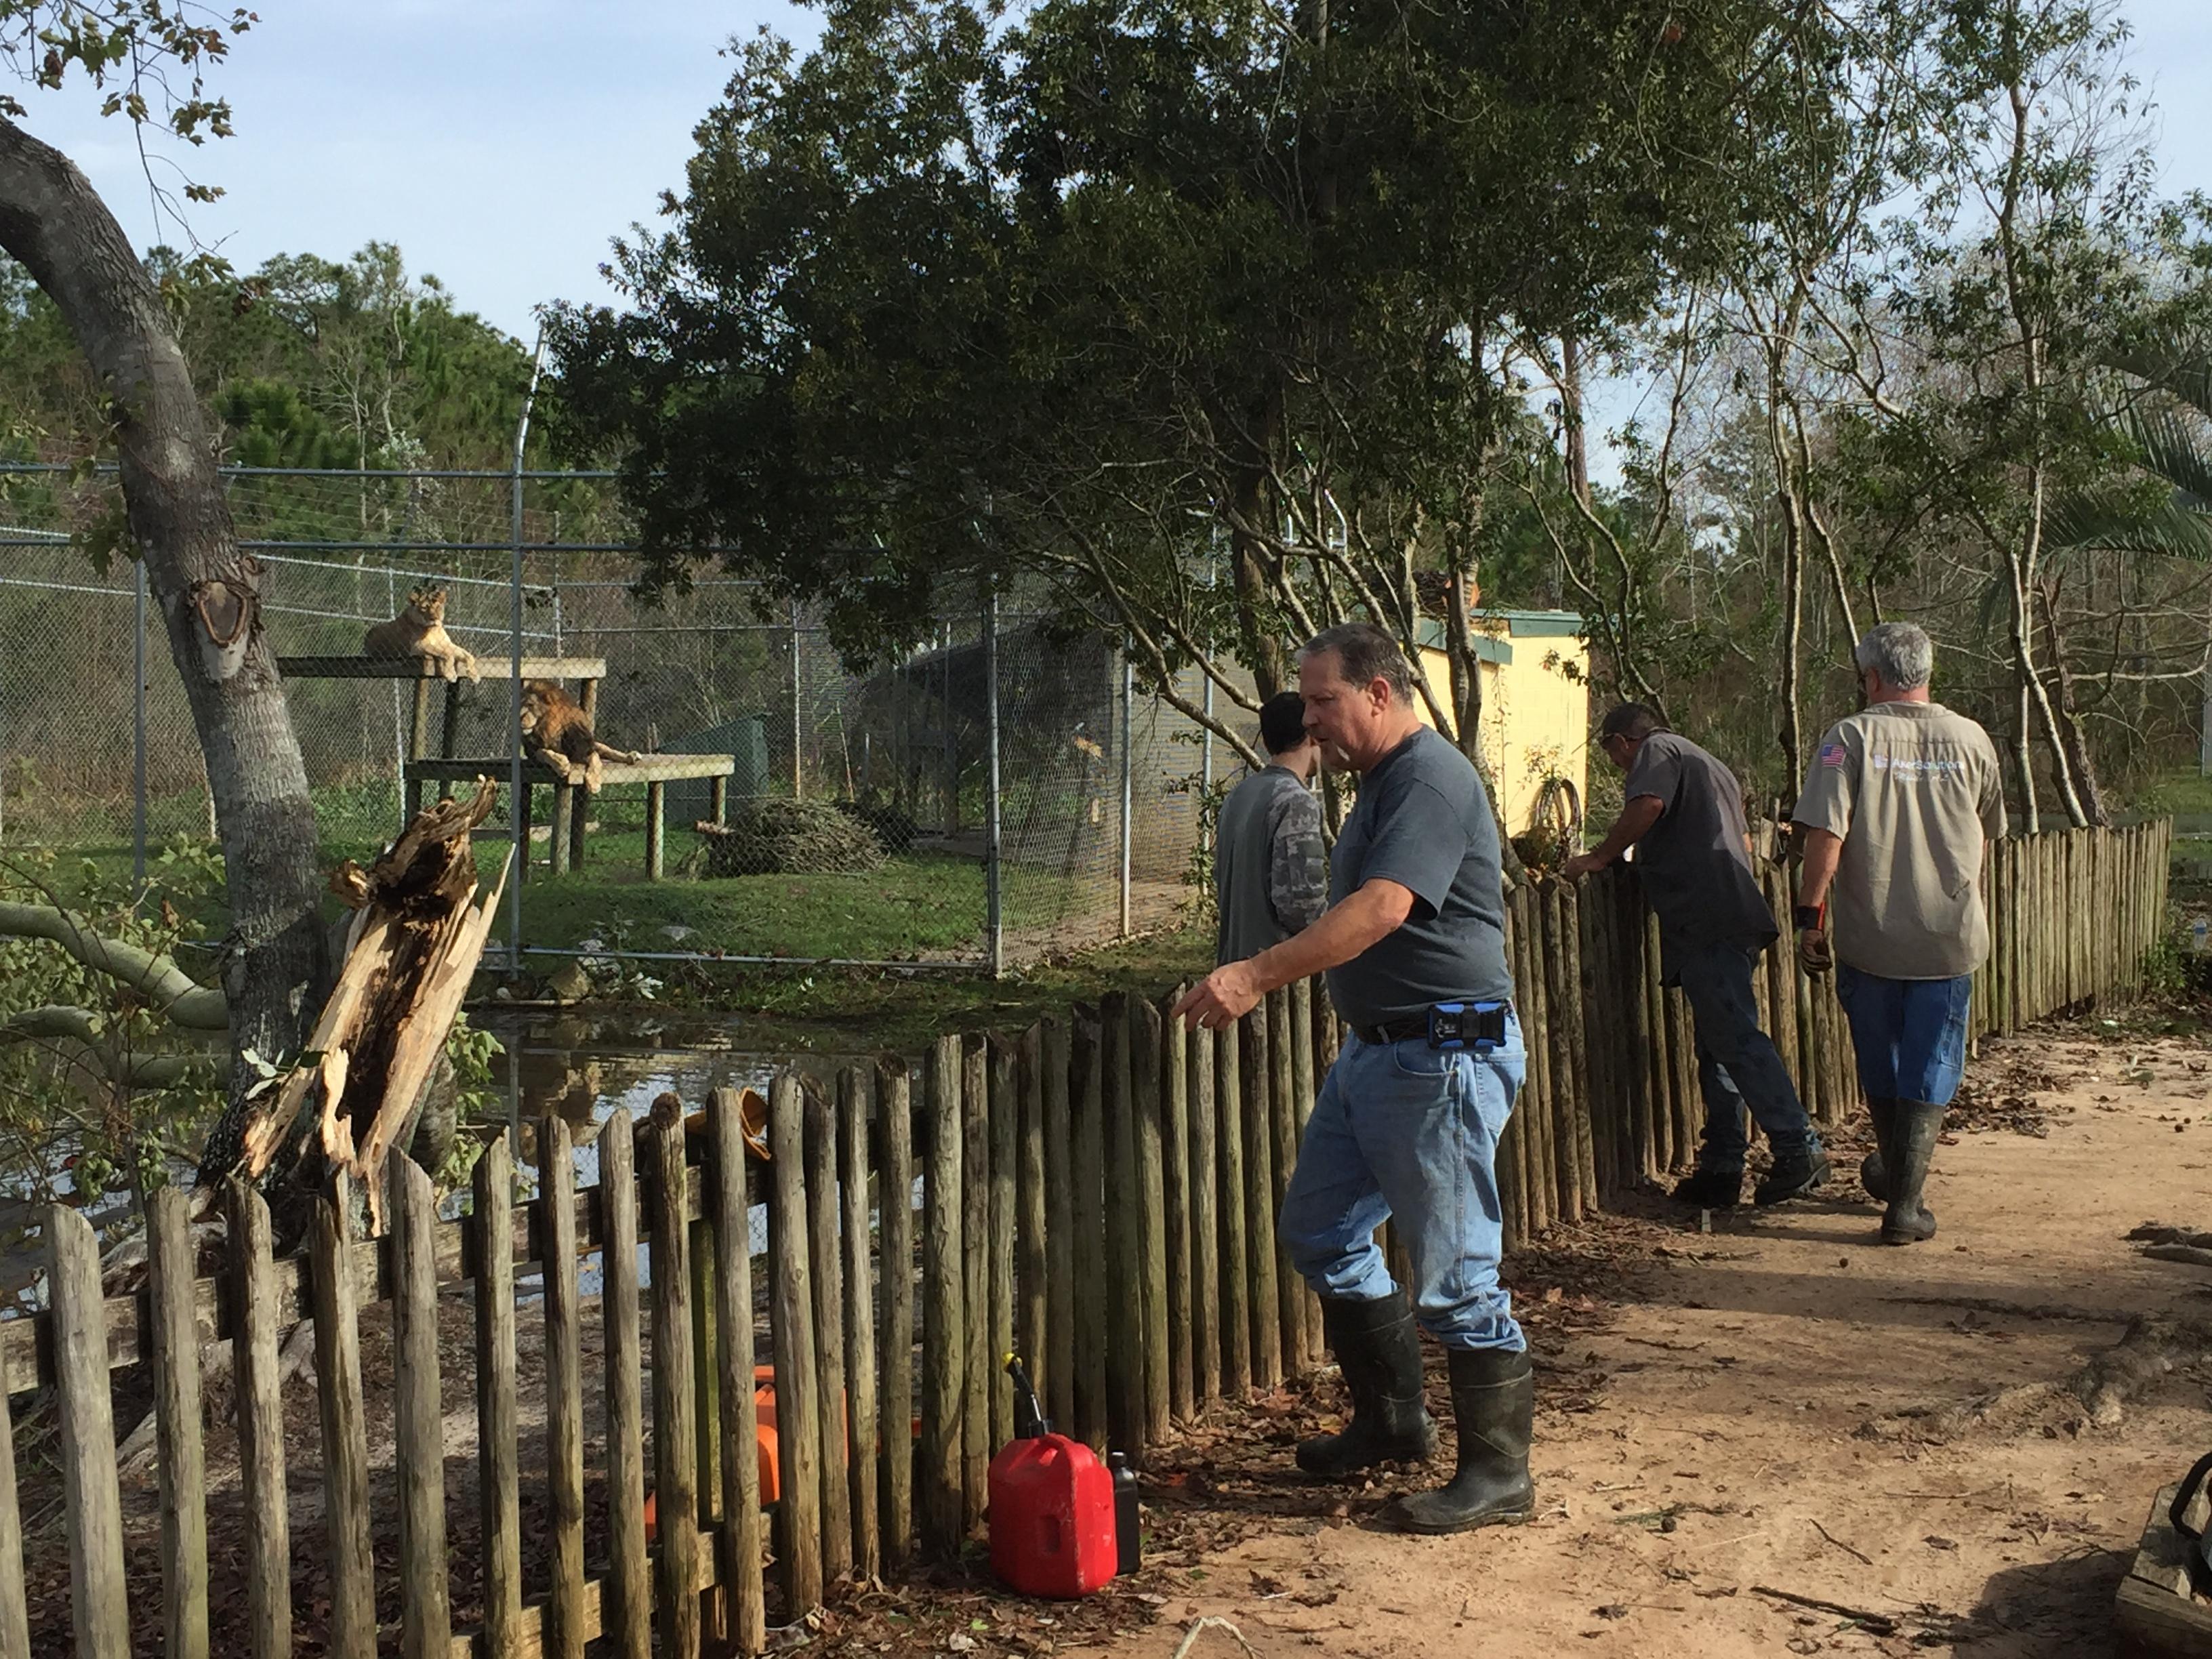 Alabama Gulf Coast Zoo sustains storm damage